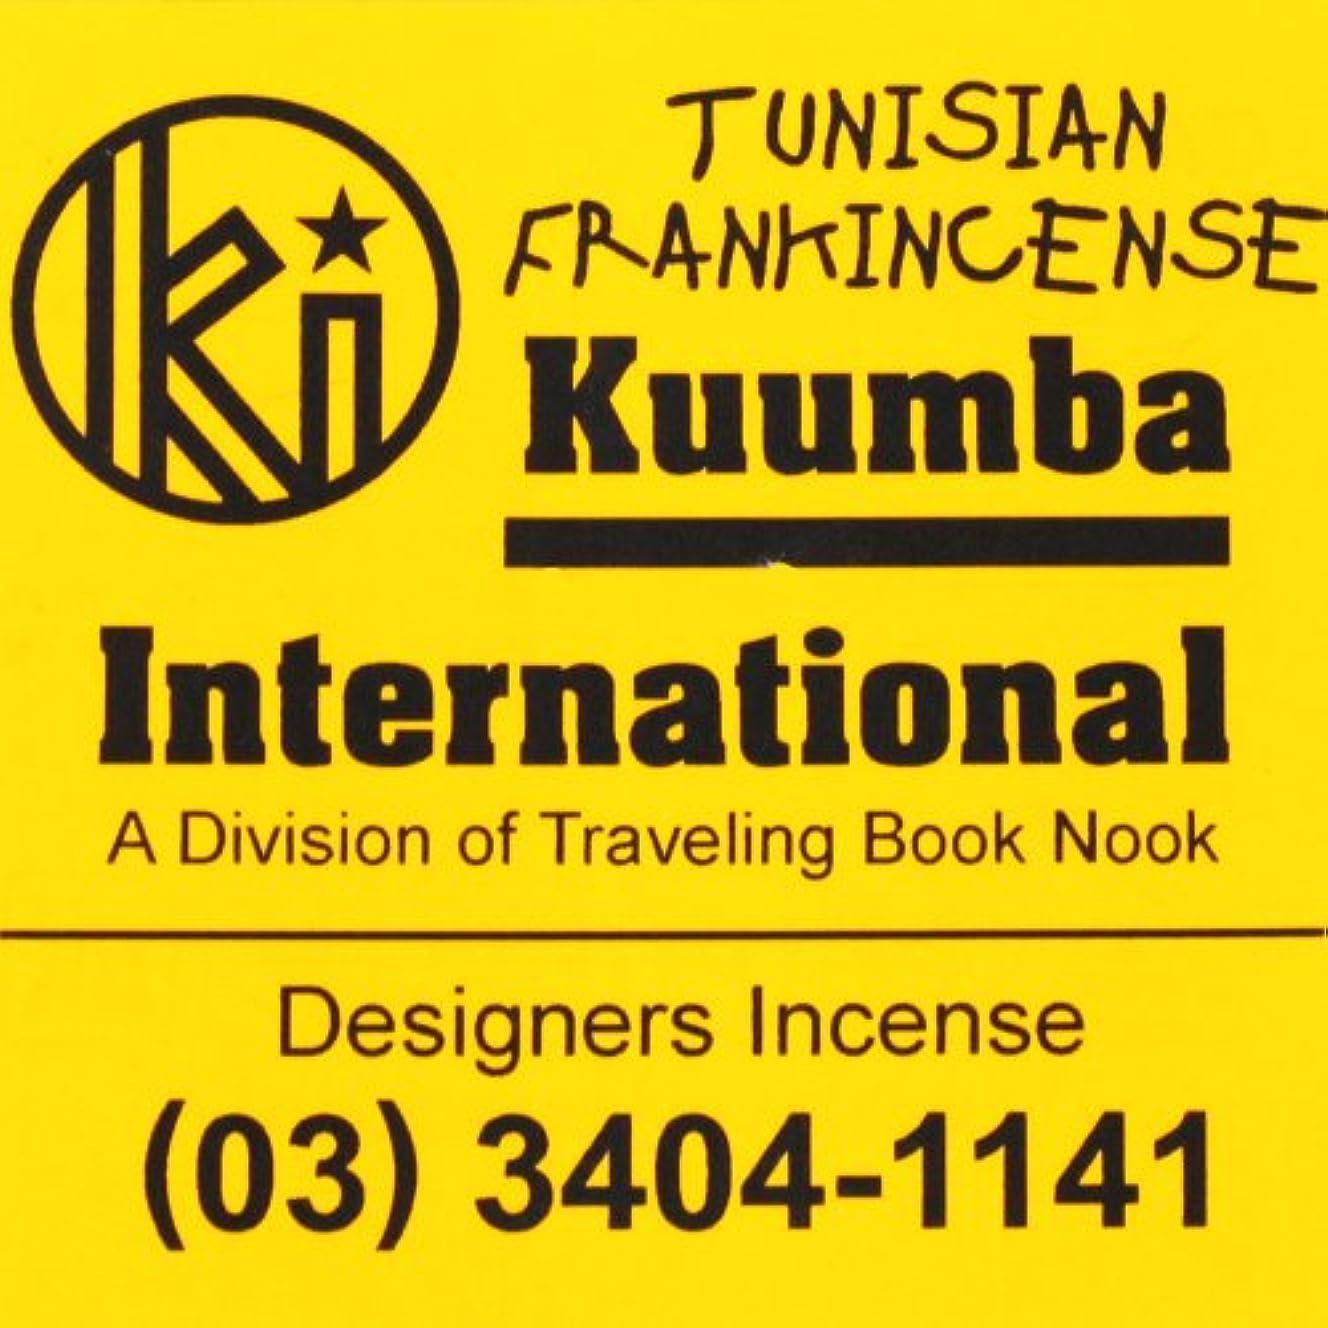 オーロックどんなときもリンケージ(クンバ) KUUMBA『classic regular incense』(TUNISIAN FRANKINCENSE) (Regular size)